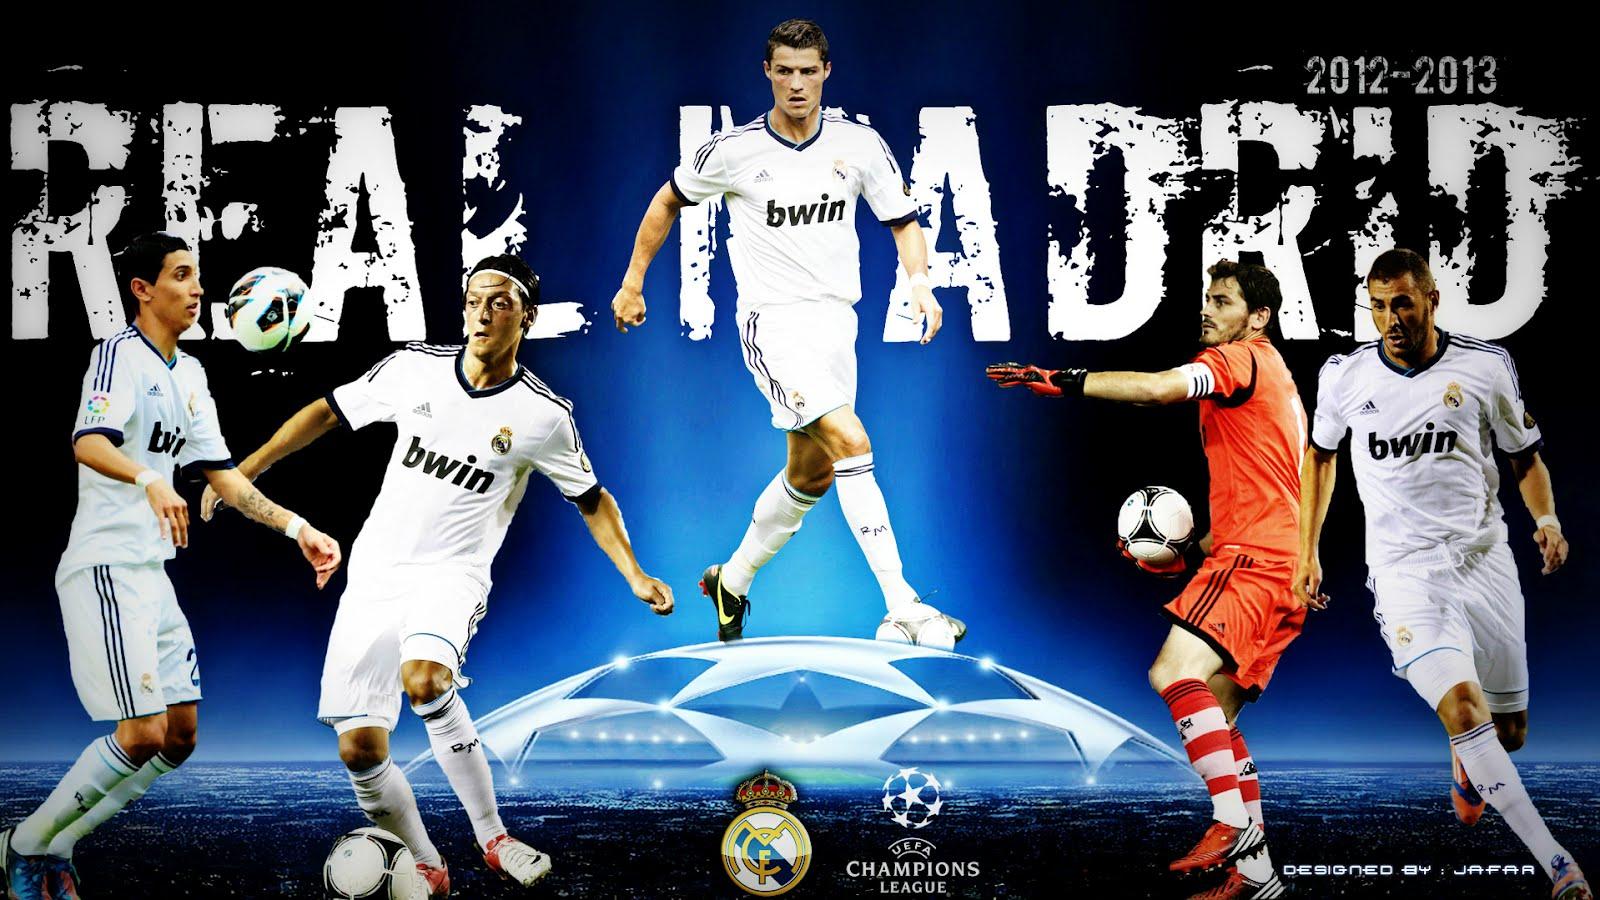 http://2.bp.blogspot.com/-frgePqeN3kw/UMTfTcA_EEI/AAAAAAAANaE/1fC3pF6Q_40/s1600/Real+Madrid+2013+Wallpaper+HD.jpg